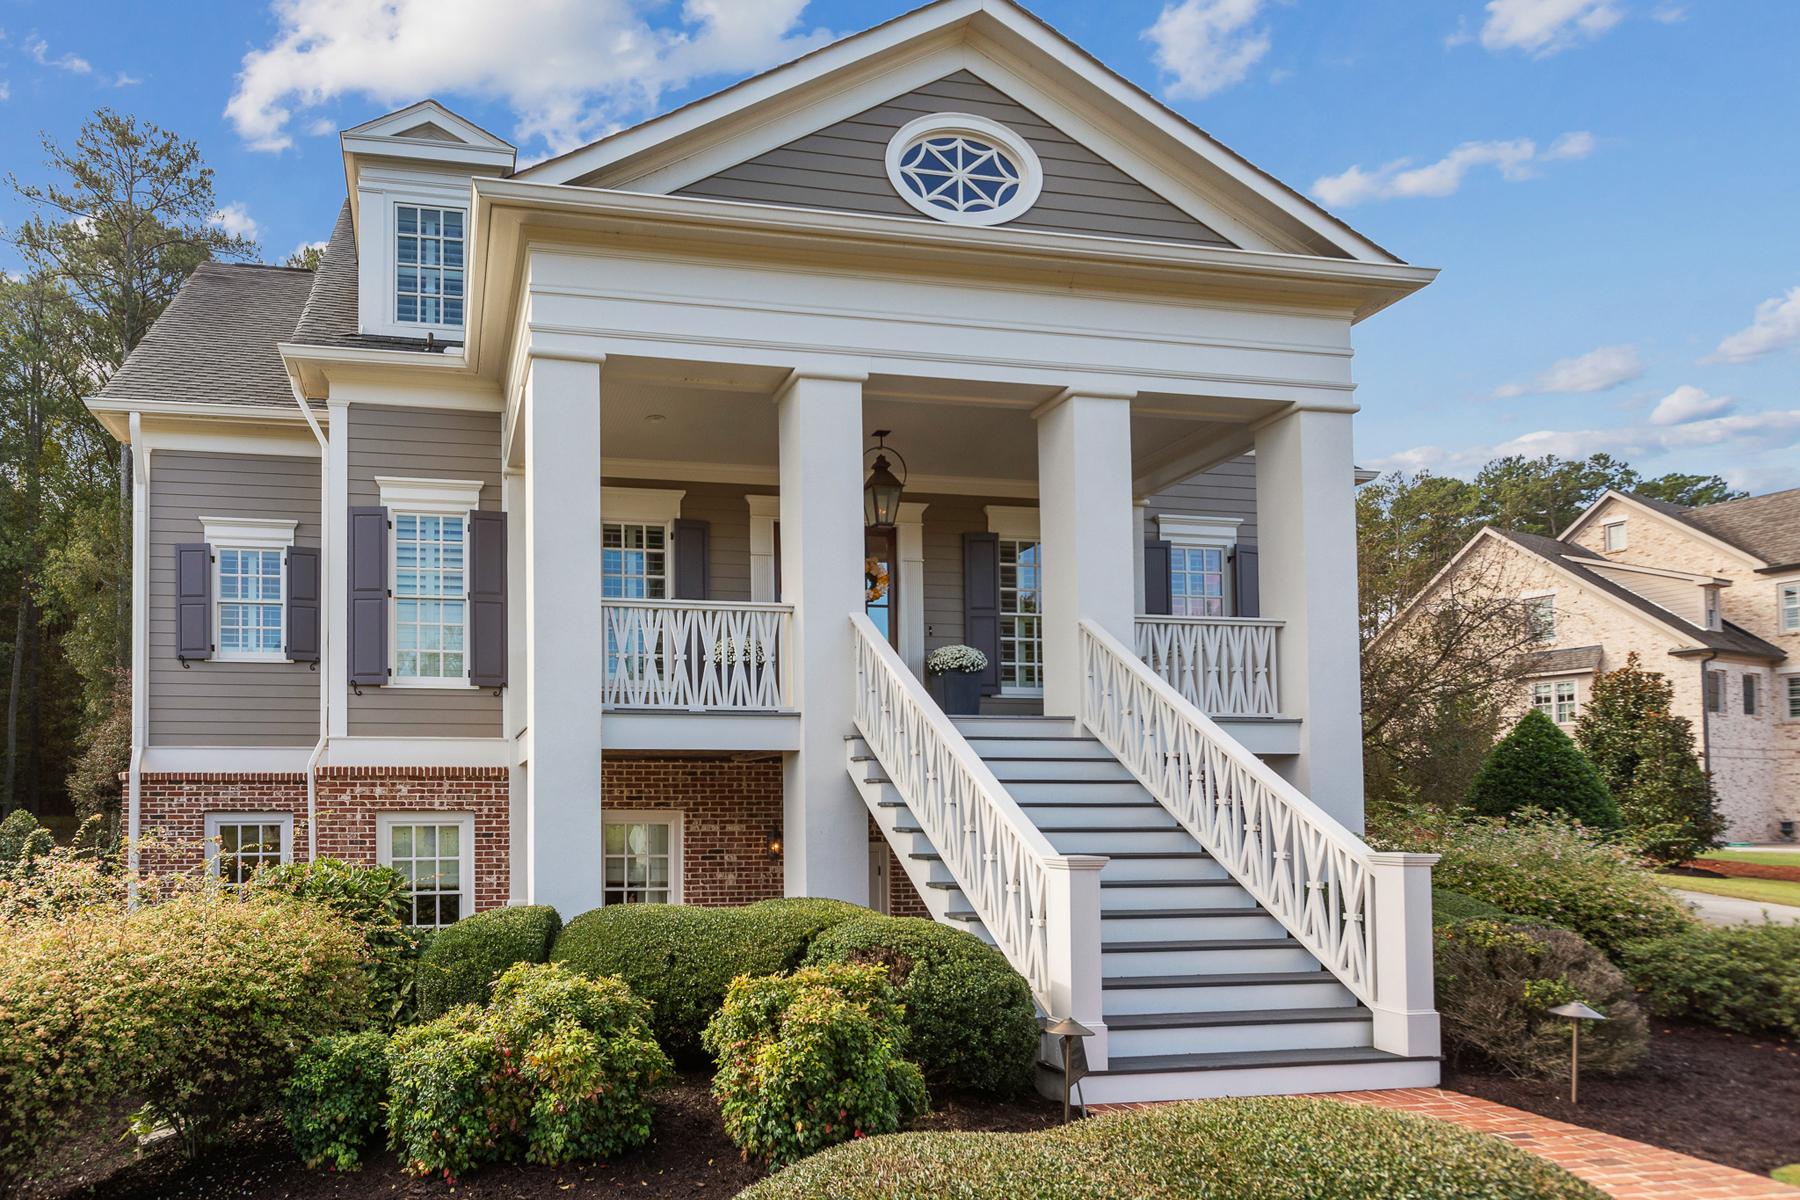 Single Family Homes för Försäljning vid Beautiful Home in Newhaven 295 Newhaven Drive, Fayetteville, Georgien 30215 Förenta staterna